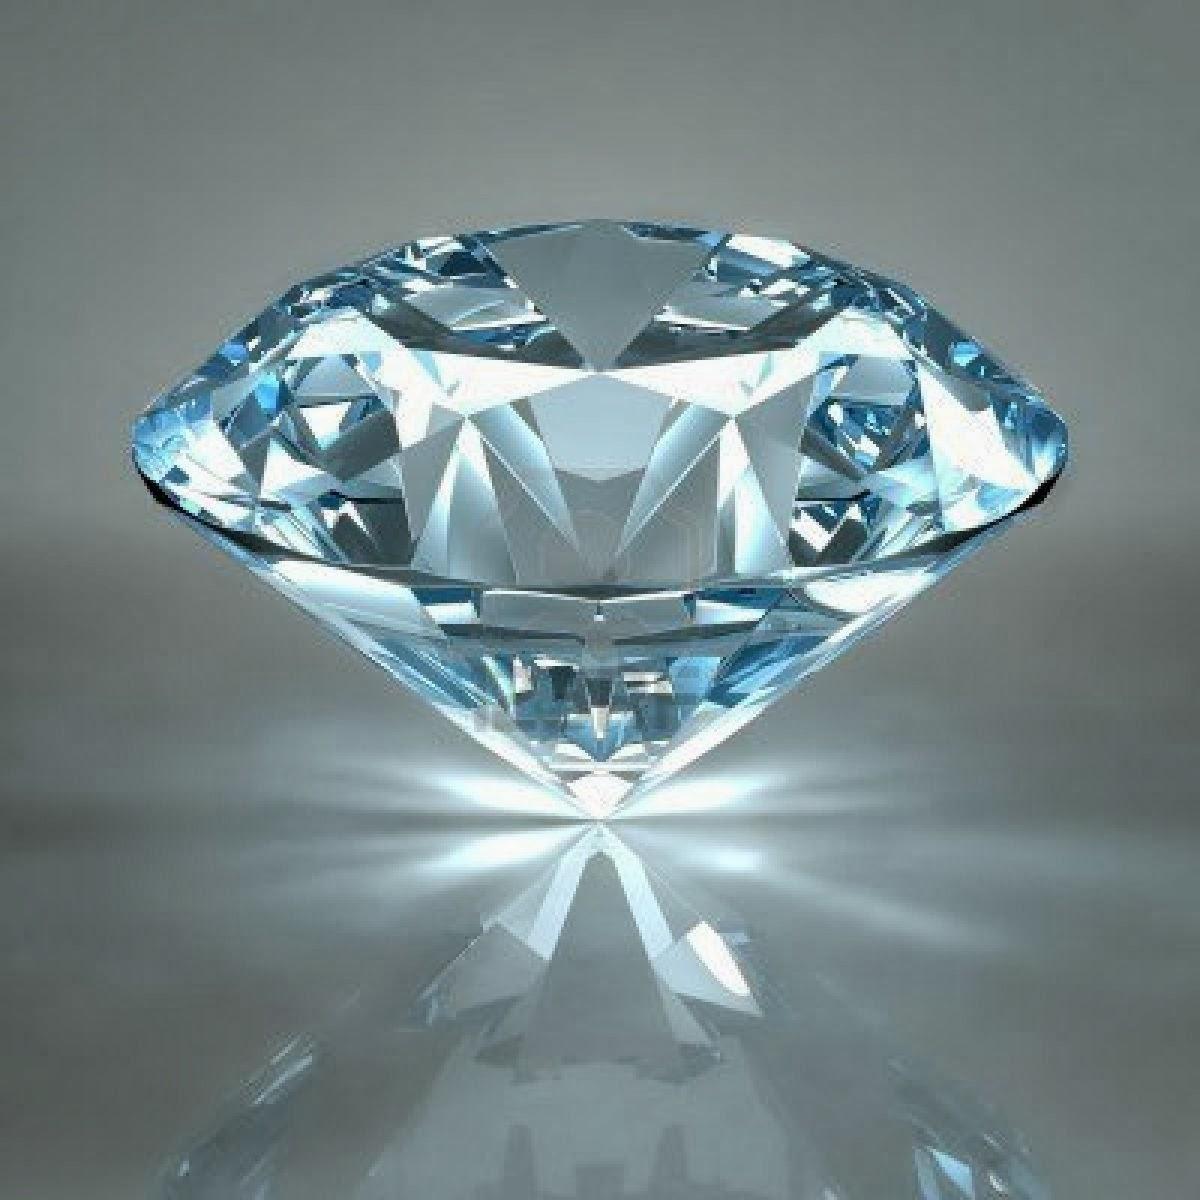 gambar berlian terbaru 2015Ascaca